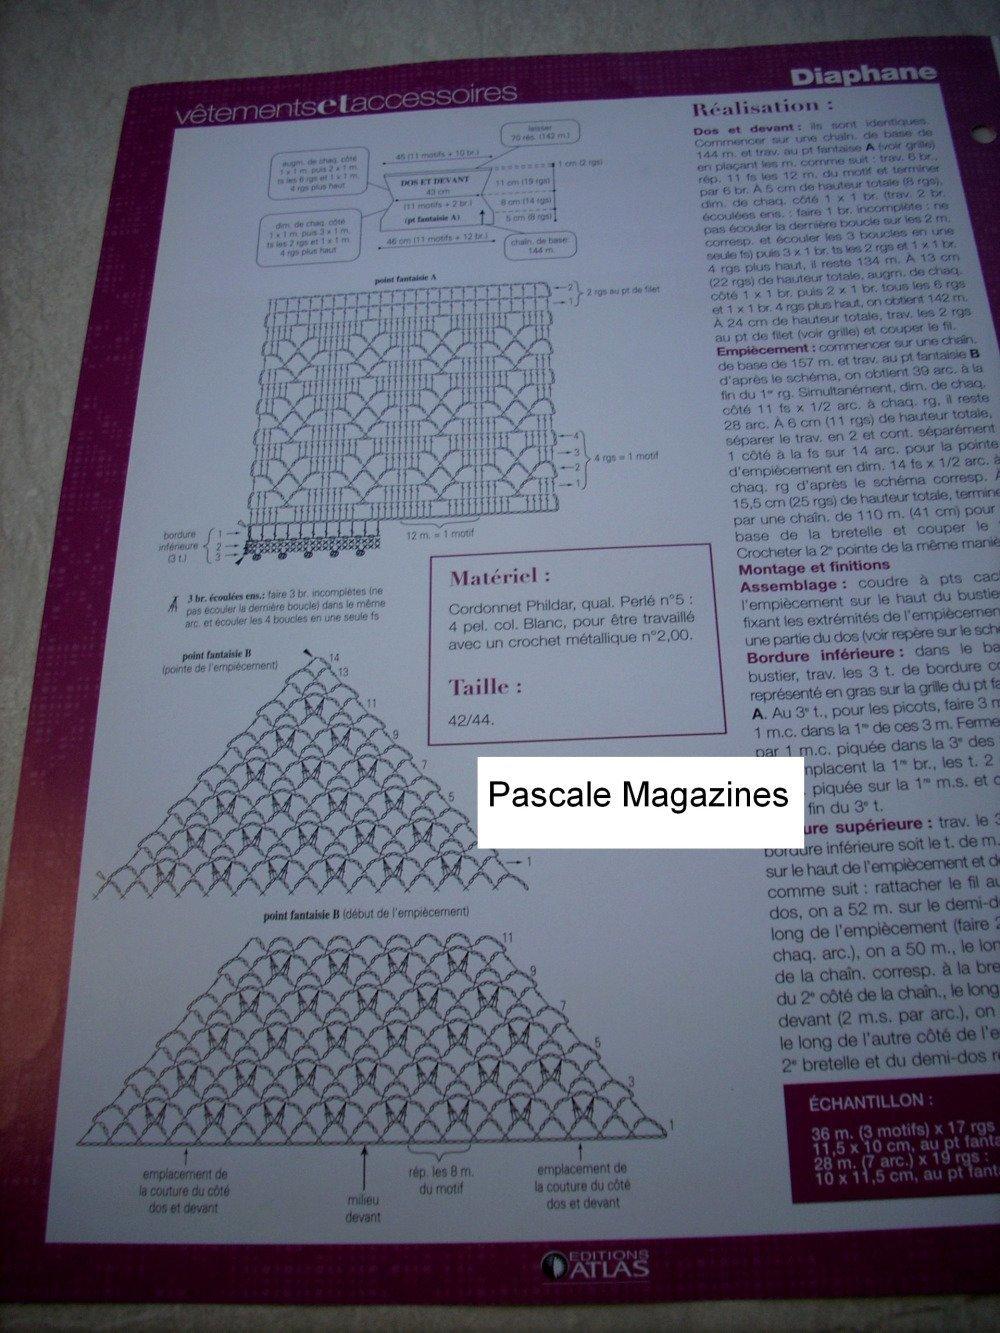 Fiche éditions Atlas vêtements n°59     -  Livraison offerte  -